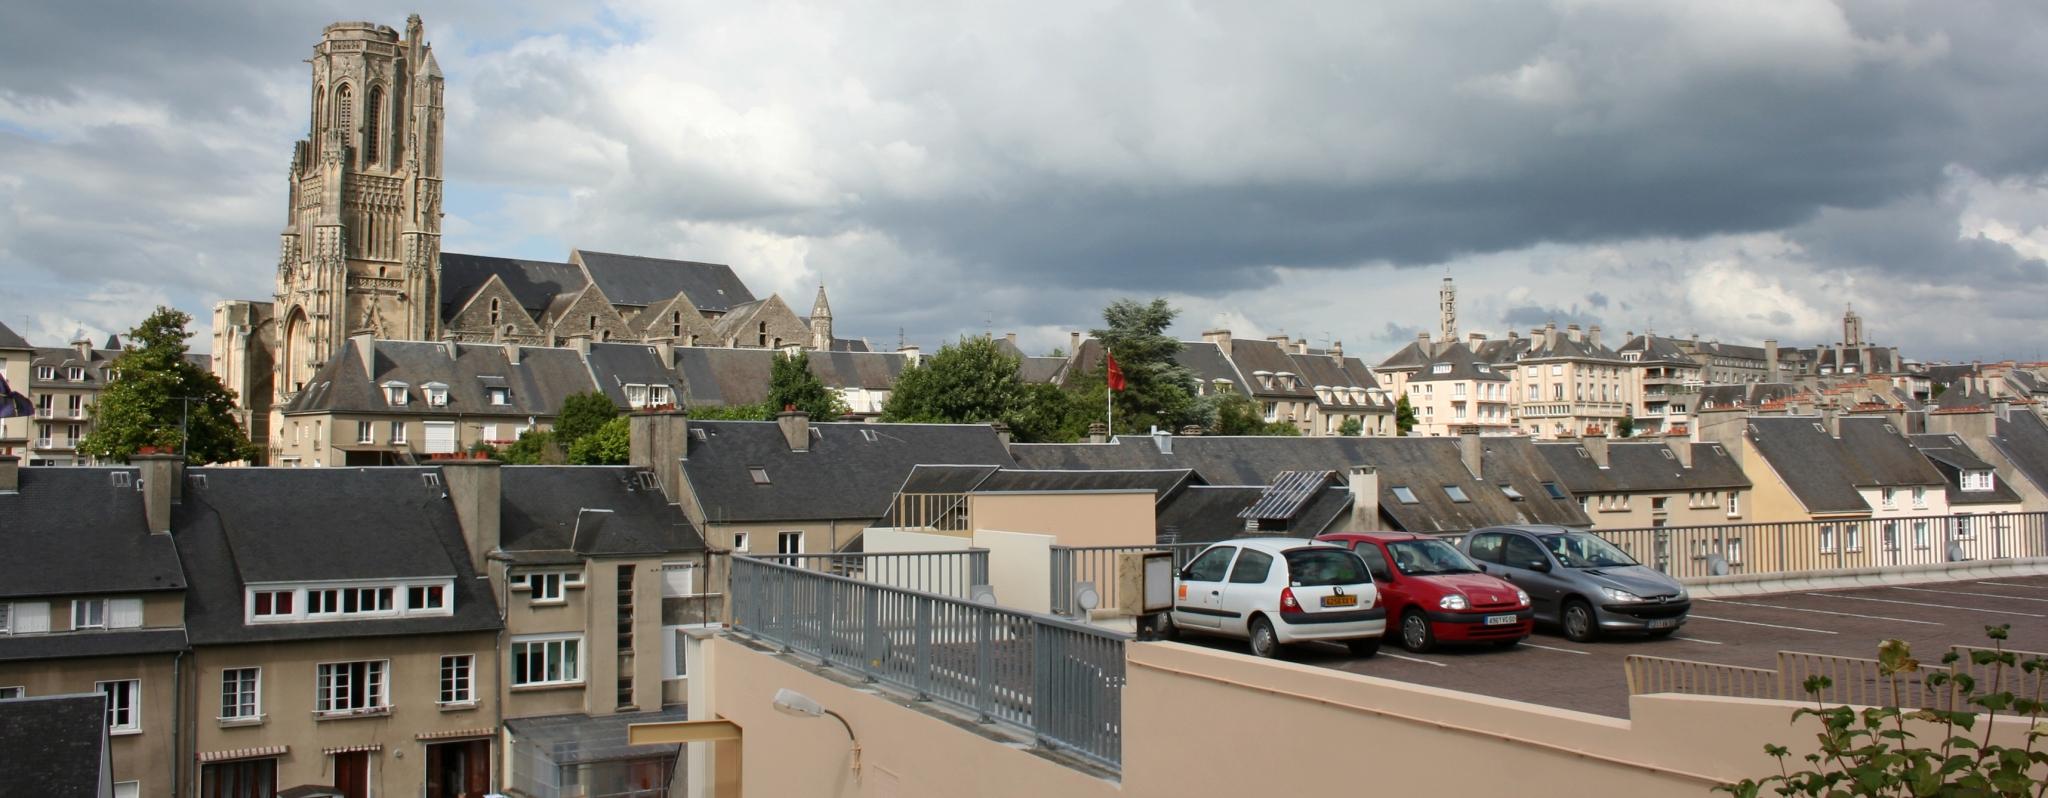 Saint-Lo France  city images : Églises et beffroi saint lo france Wikimedia Commons